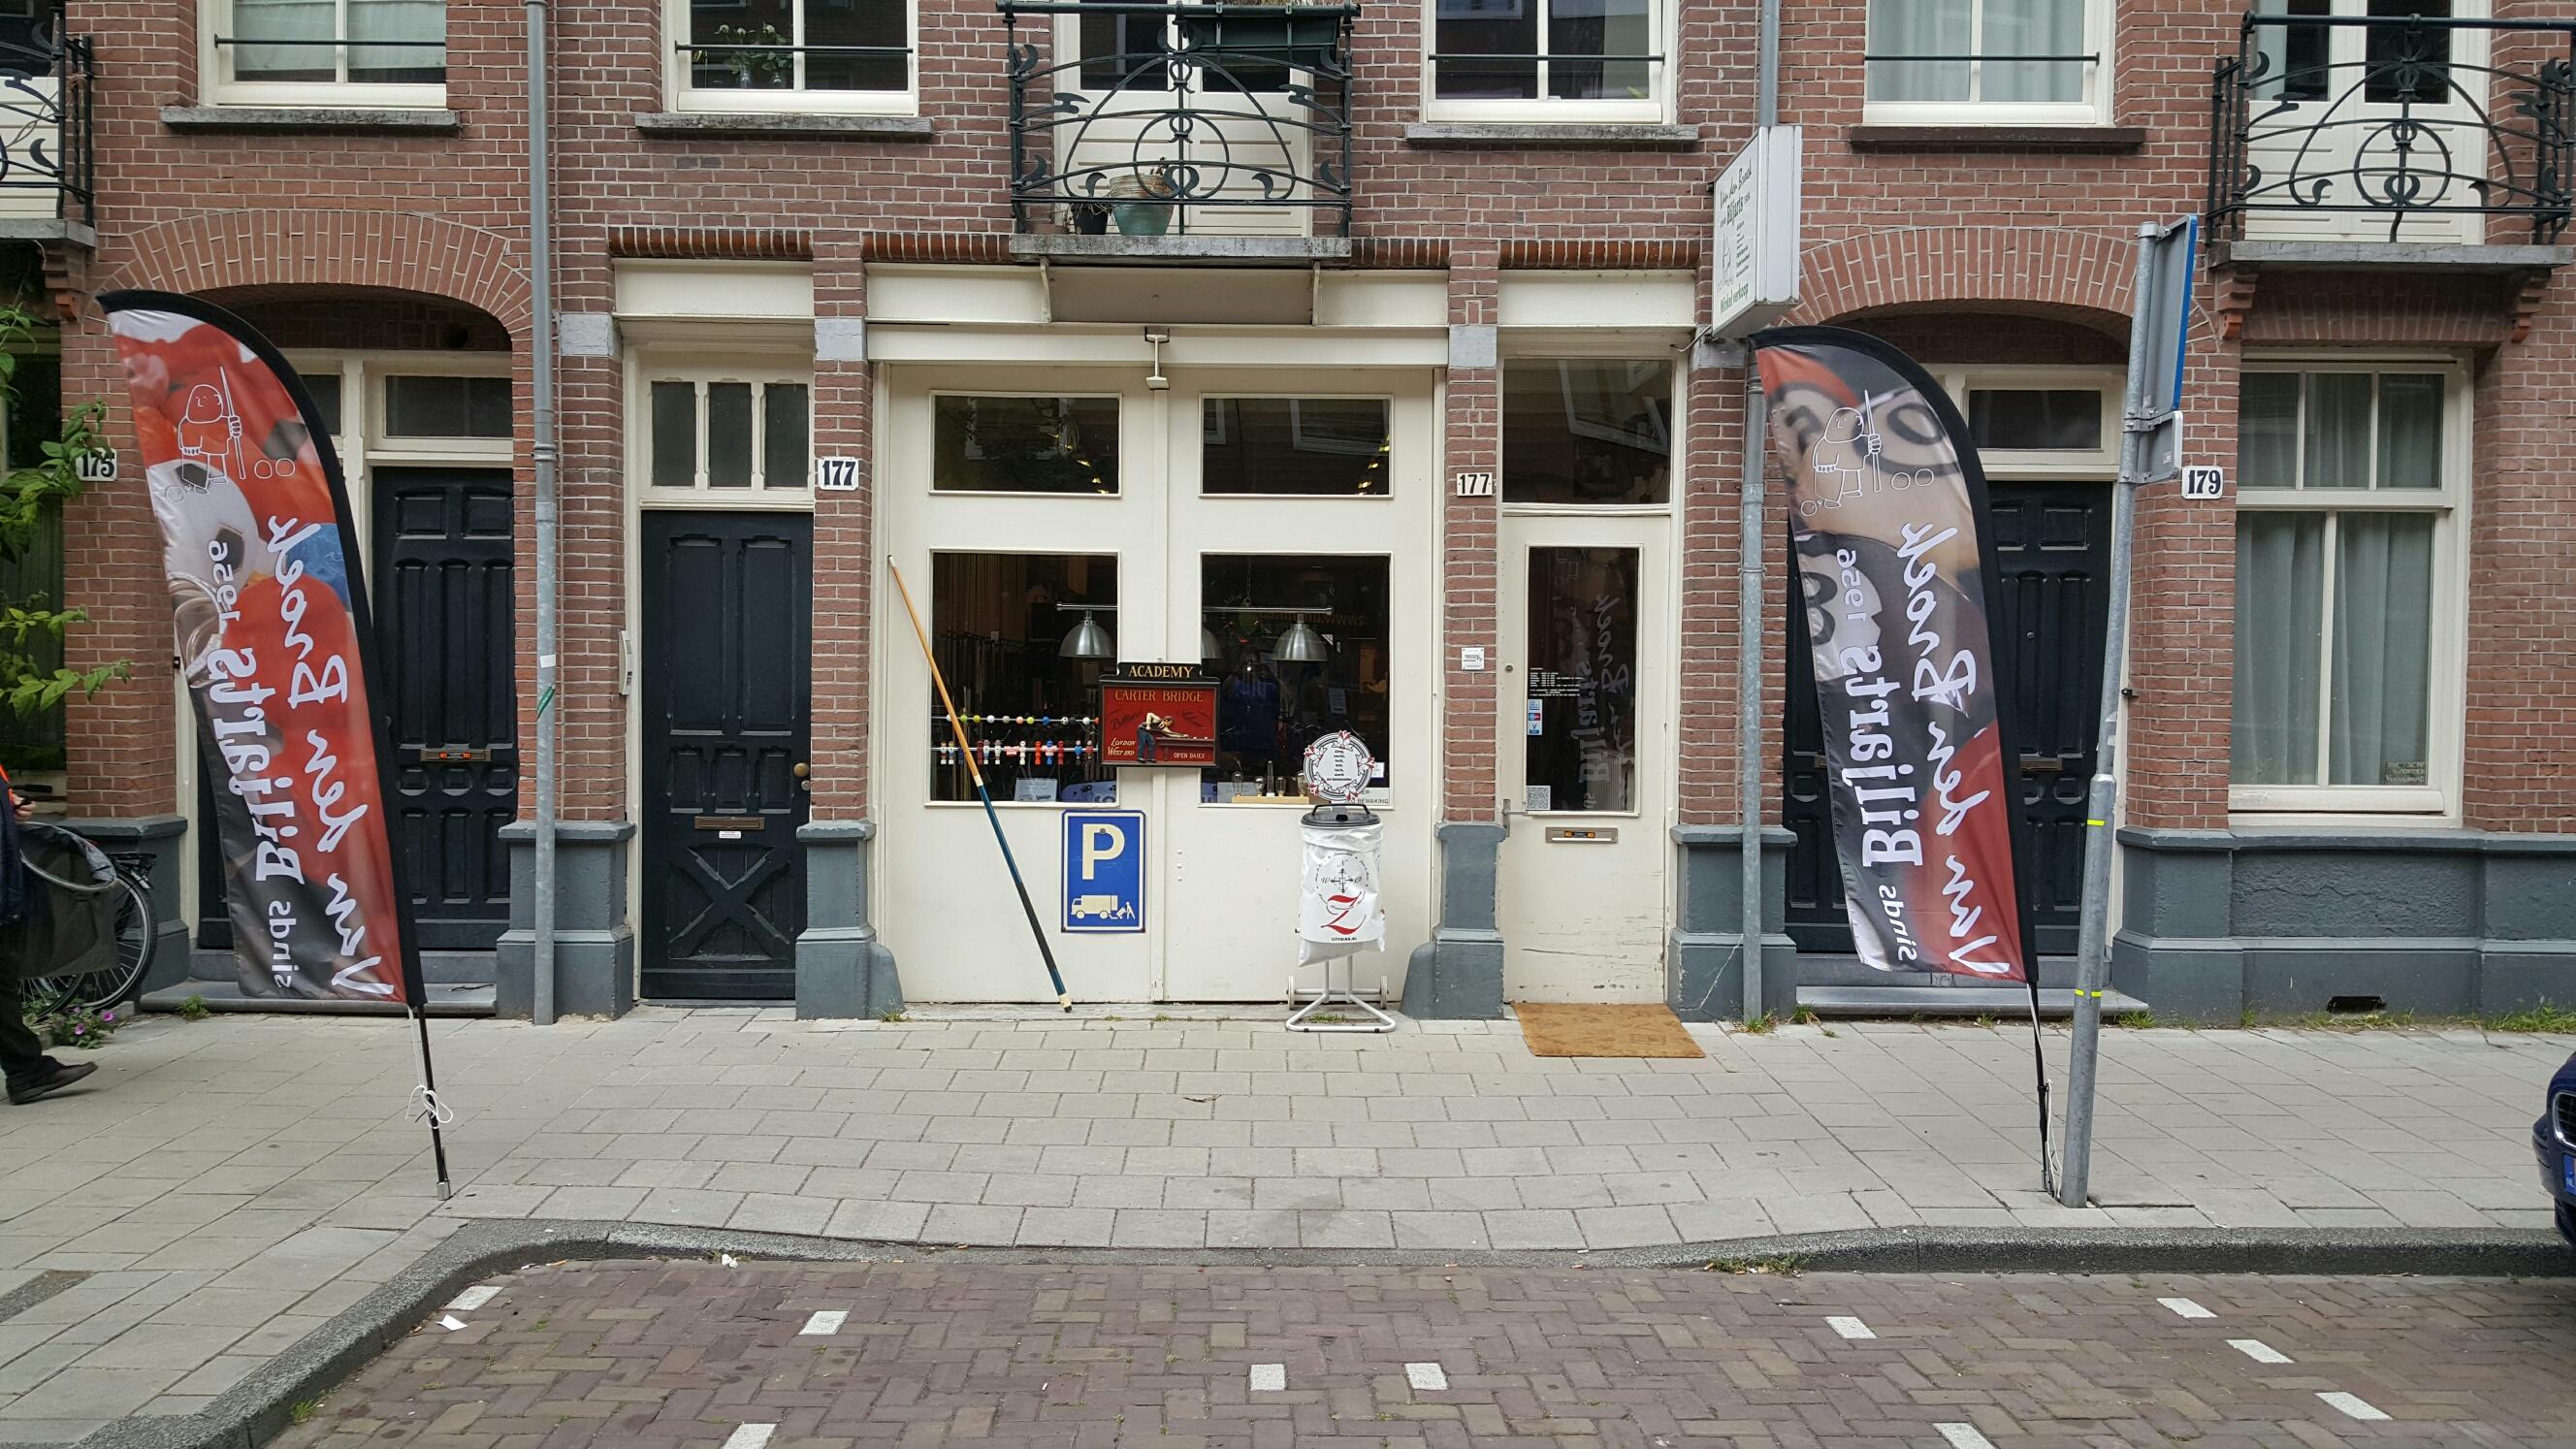 Bedrijfsruimte Amsterdam Van Ostadestraatr 177 hs